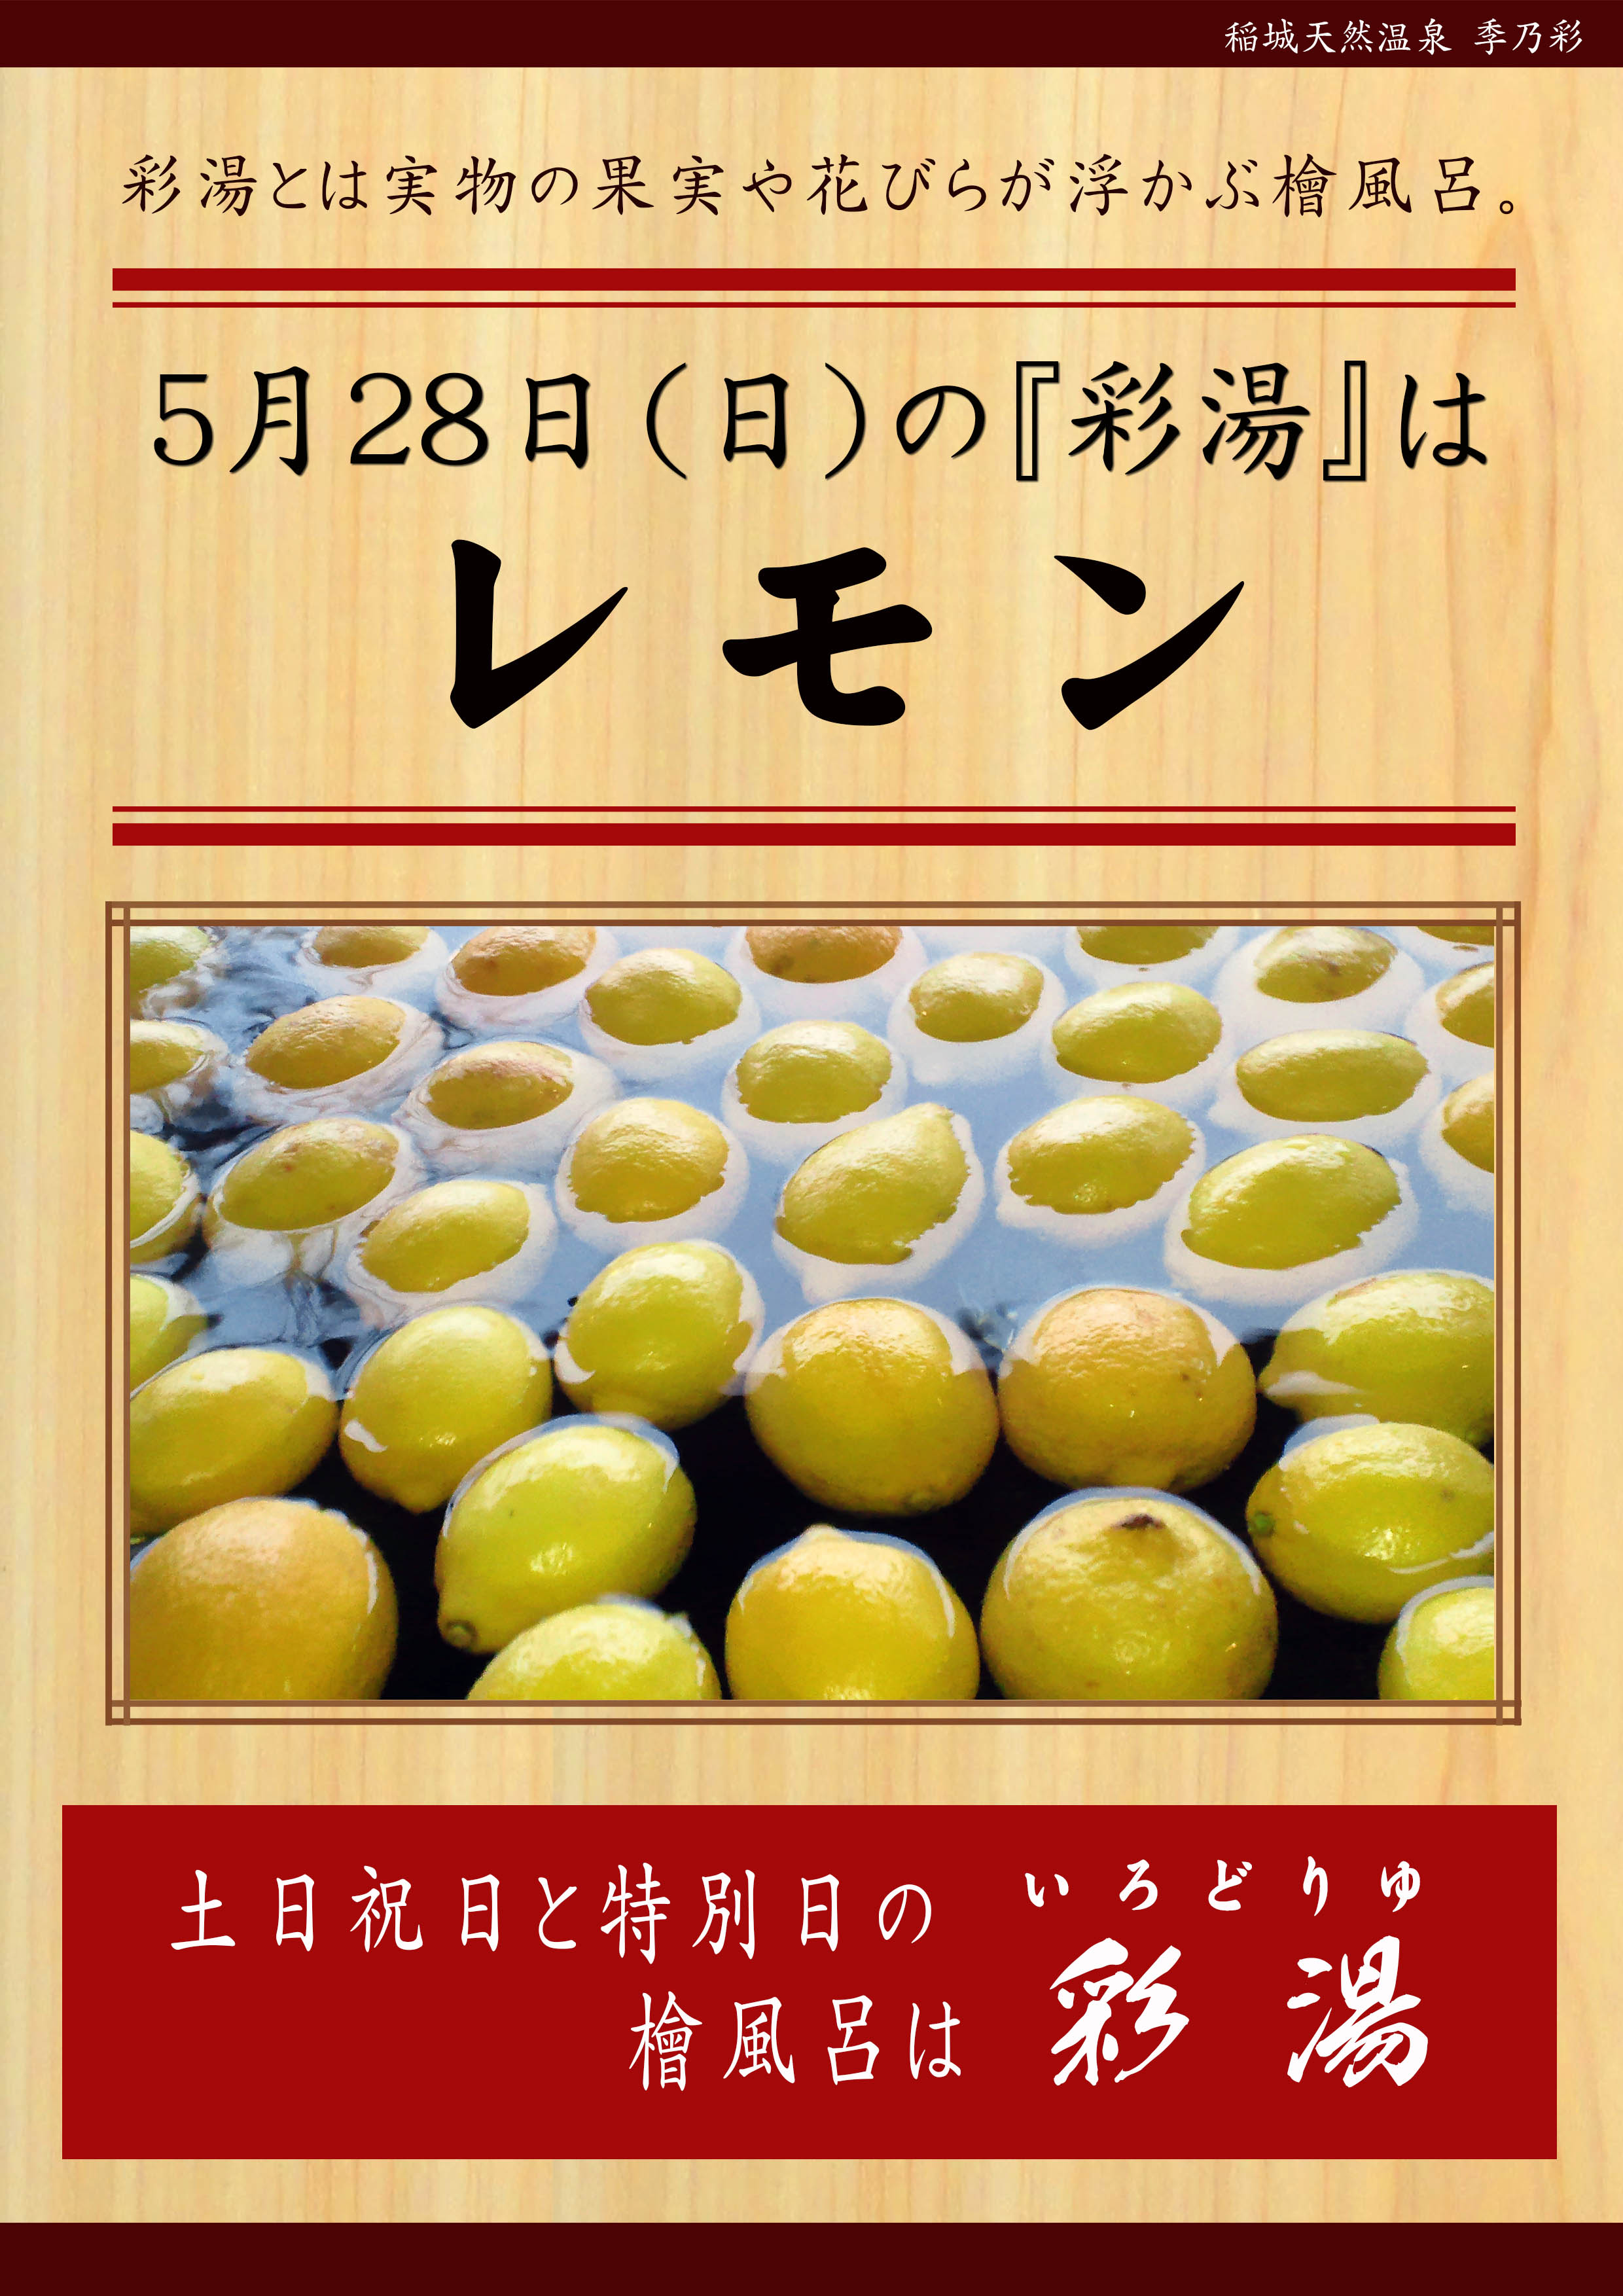 20170528POP イベント 彩湯 レモン